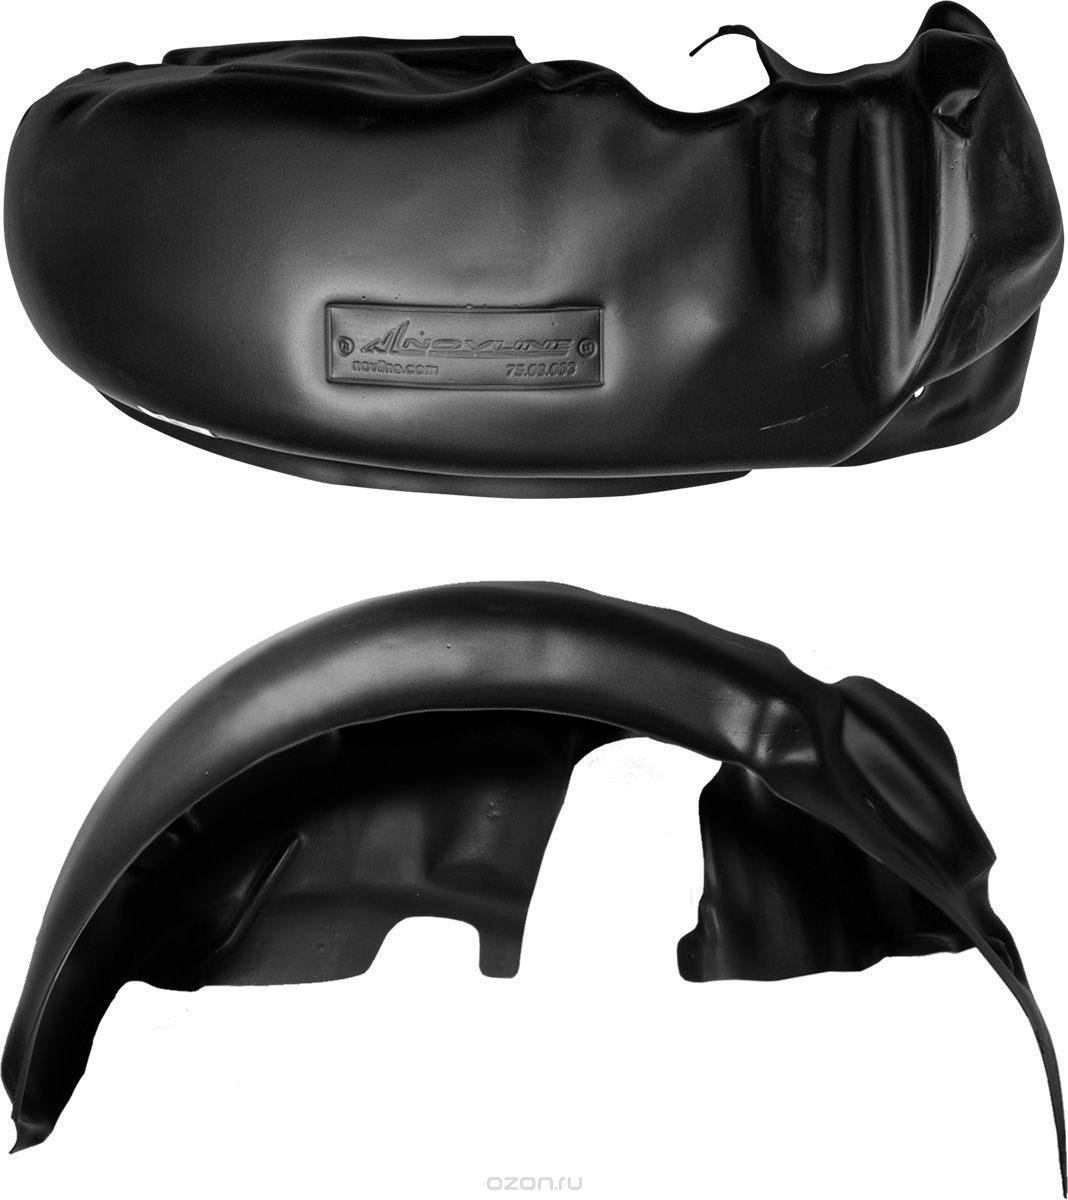 Подкрылок Novline-Autofamily, для Haima 7, 2013->, передний правыйNLL.83.02.002Идеальная защита колесной ниши. Локеры разработаны с применением цифровых технологий, гарантируют максимальную повторяемость поверхности арки. Изделия устанавливаются без нарушения лакокрасочного покрытия автомобиля, каждый подкрылок комплектуется крепежом. Уважаемые клиенты, обращаем ваше внимание, что фотографии на подкрылки универсальные и не отражают реальную форму изделия. При этом само изделие идет точно под размер указанного автомобиля.